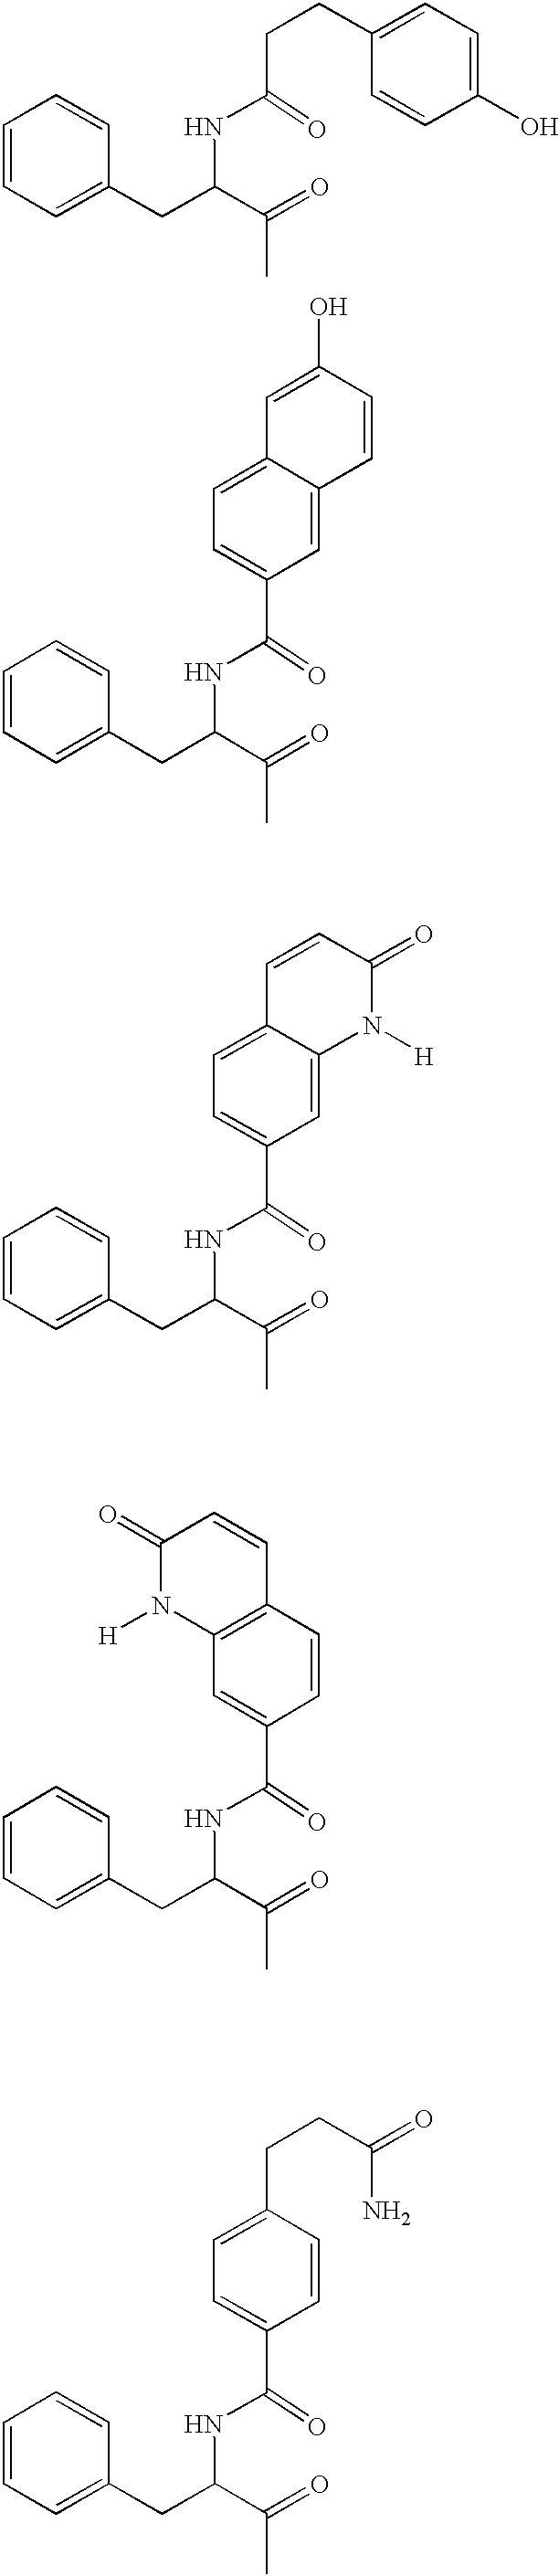 Figure US06911447-20050628-C00032